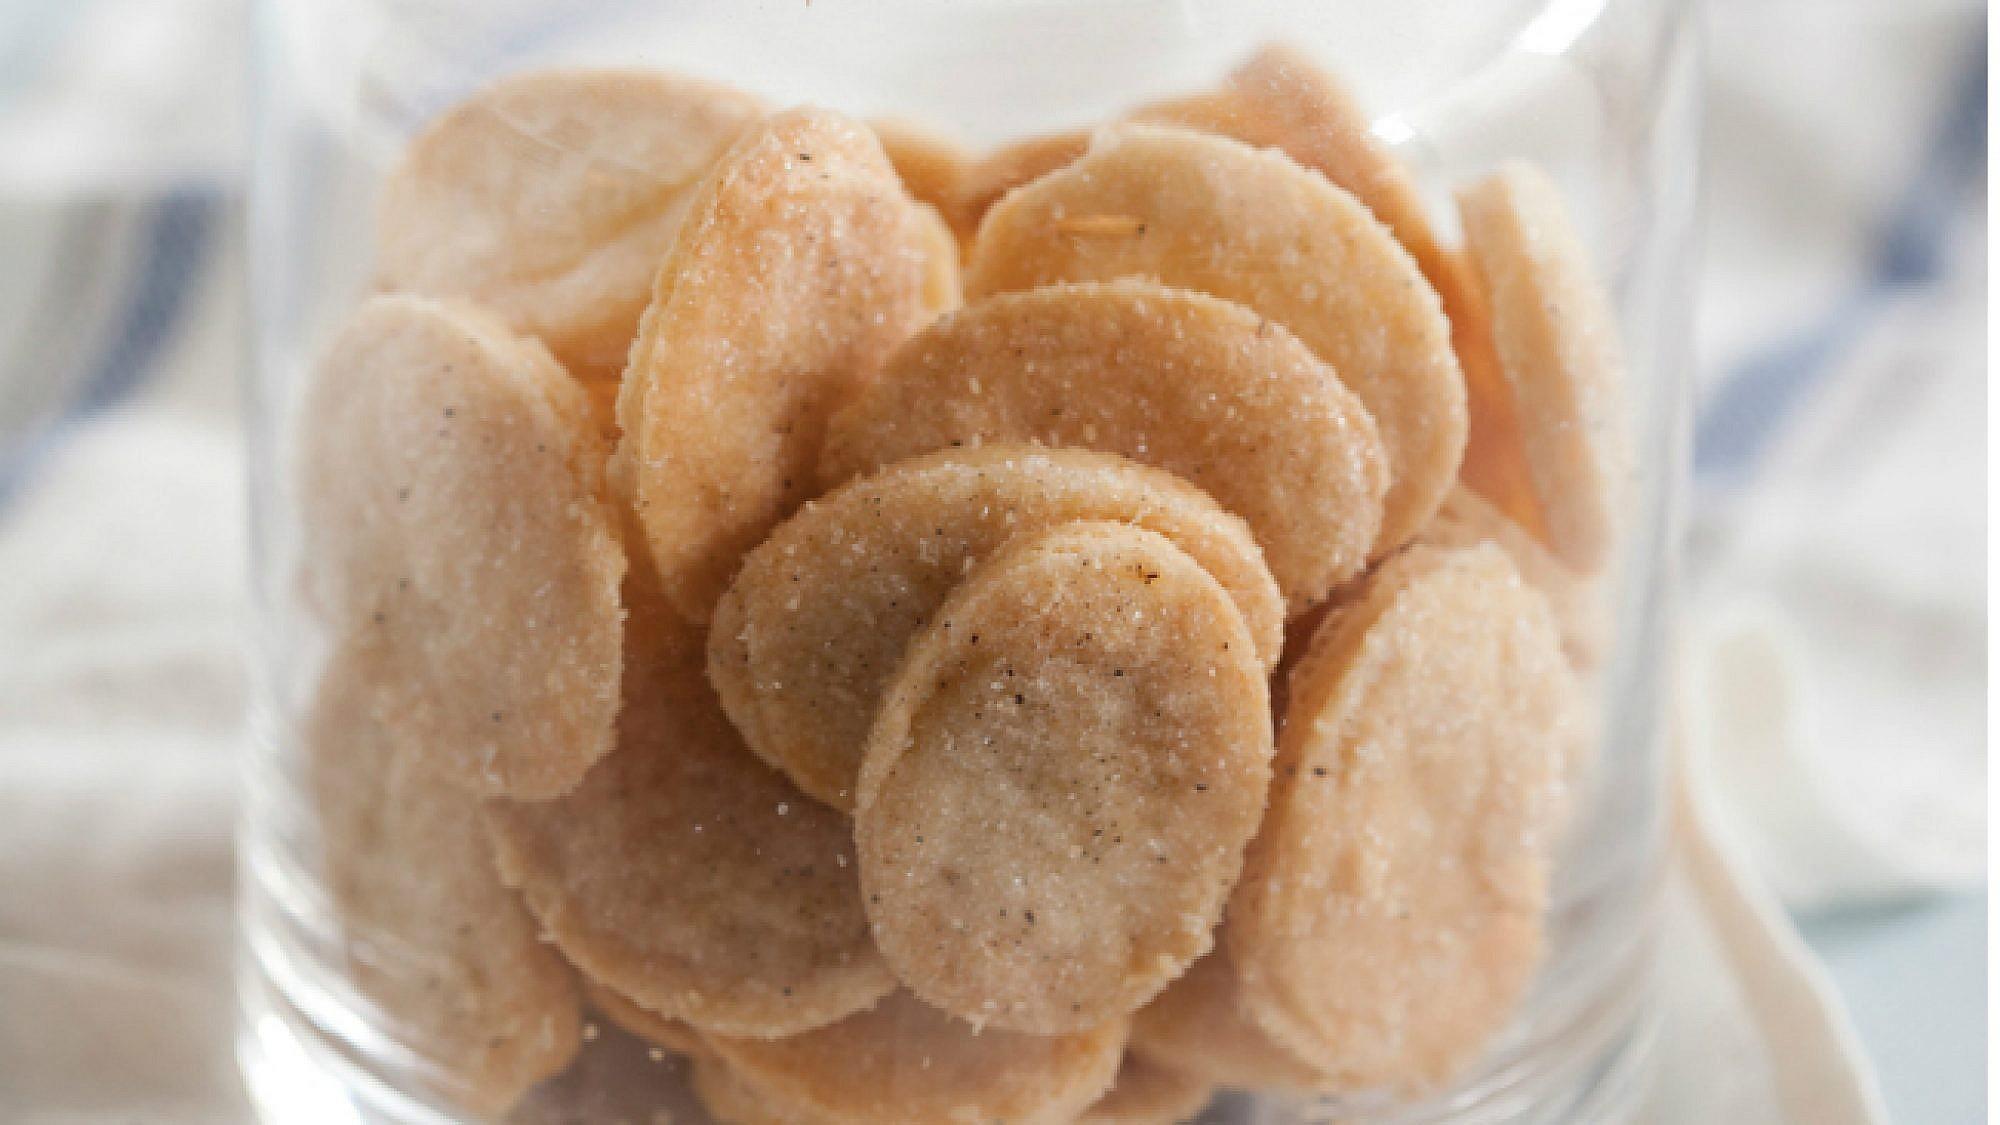 עוגיות חמאה נימוחות. צילום: דן לב | סגנון: דלית רוסו